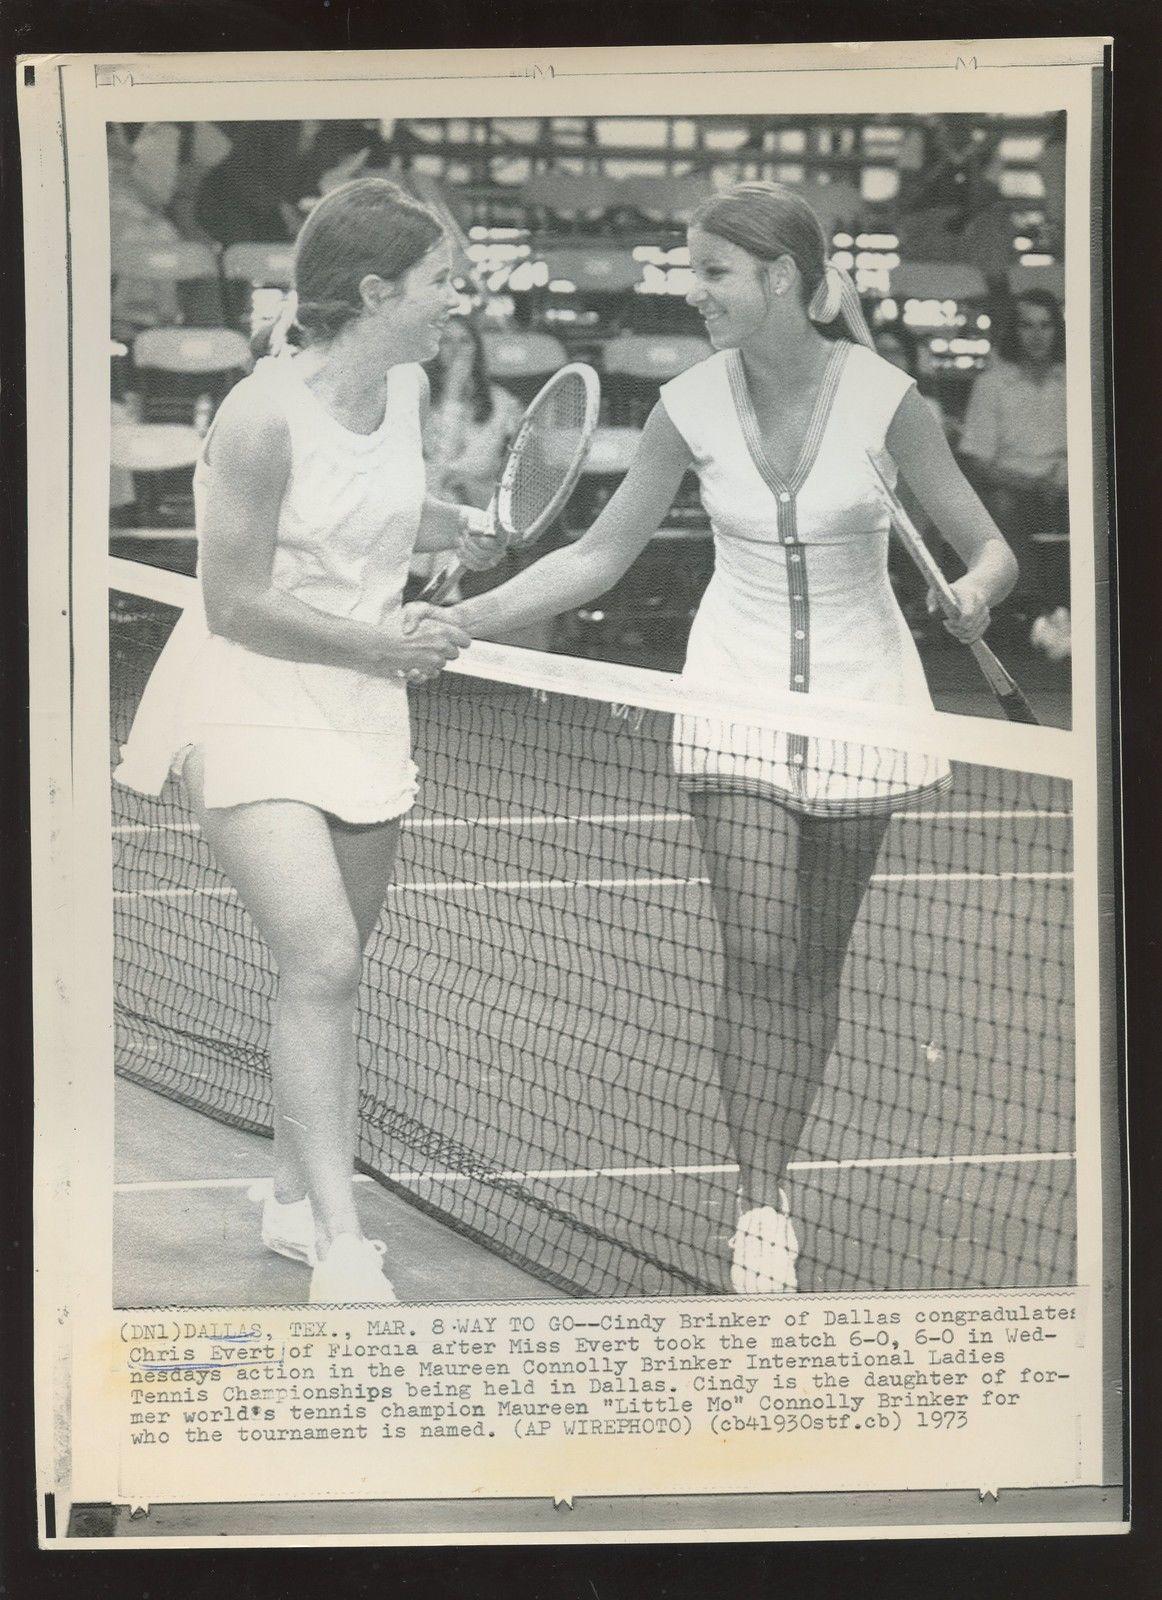 Original March 8 1973 Cindy Brinker & Chris Evert Tennis Wire Photo ...